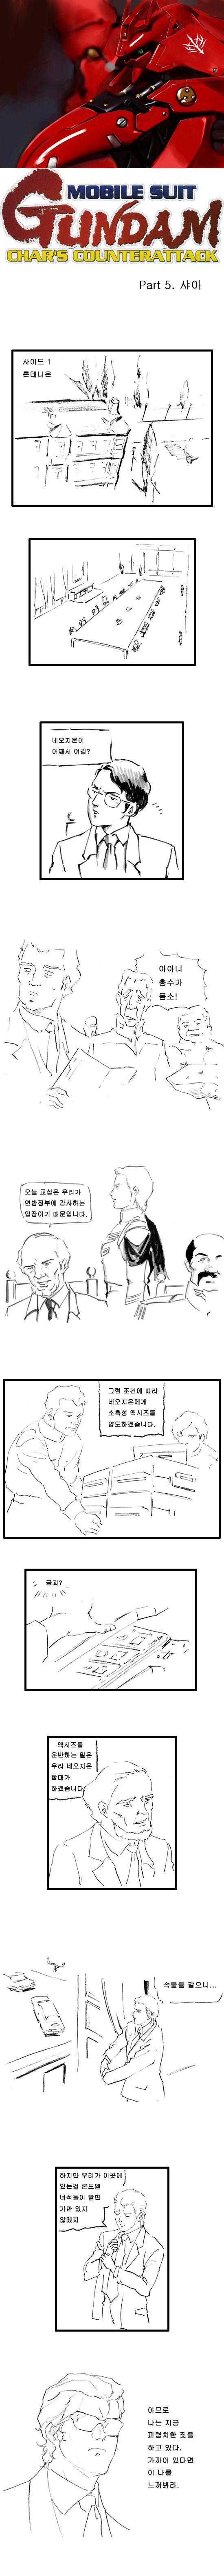 팬픽 역습의샤아 part.5 샤아 편 | 팬픽/패러디만화 | 루리웹